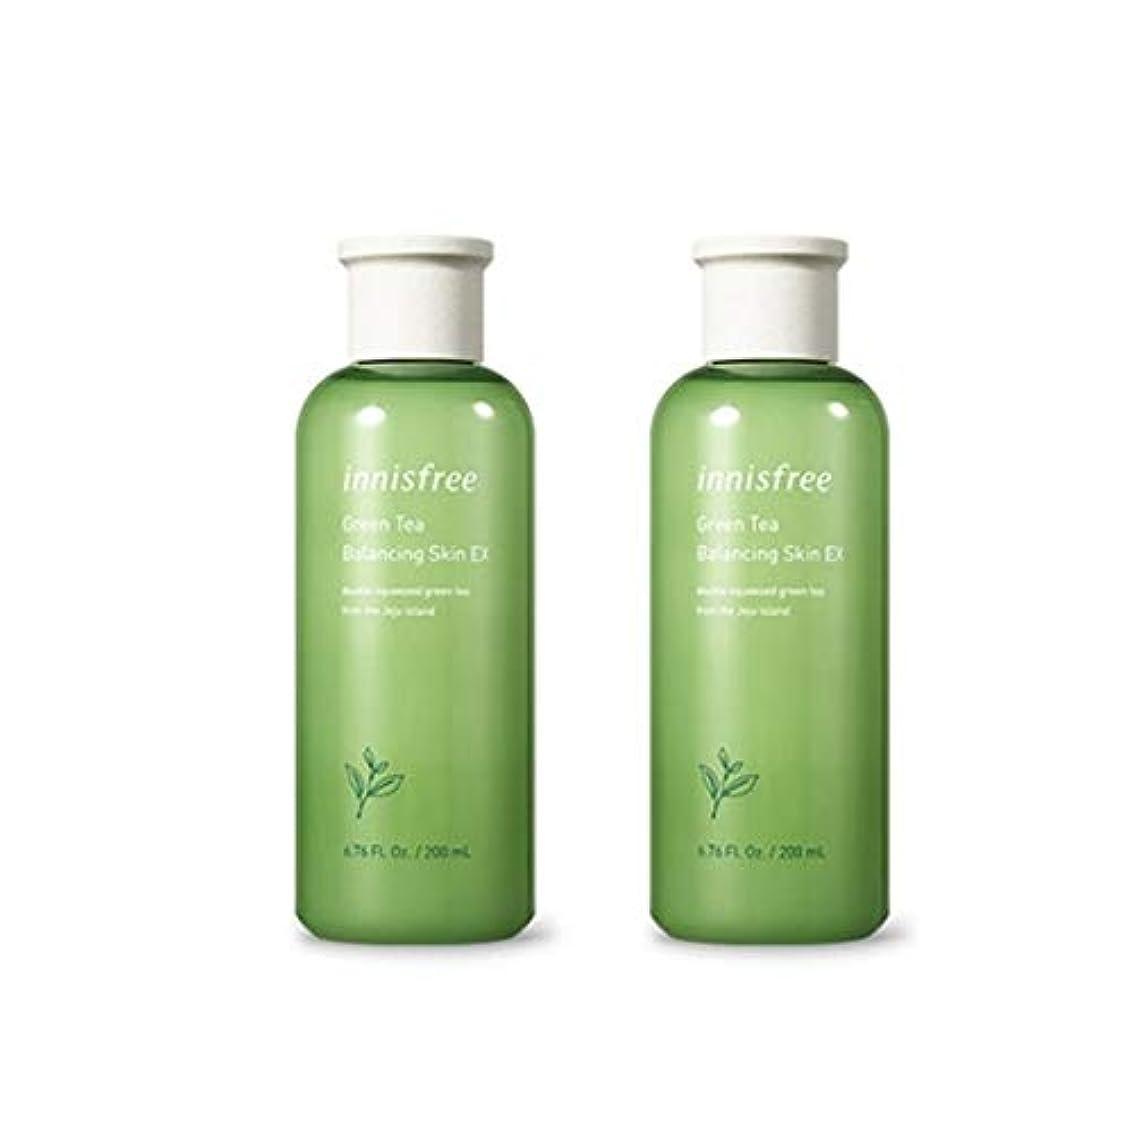 献身言い聞かせるもイニスフリーグリーンティーバランシングスキンEX 200mlx2本セット韓国コスメ、innisfree Green Tea Balancing Skin EX 200ml x 2ea Set Korean Cosmetics...